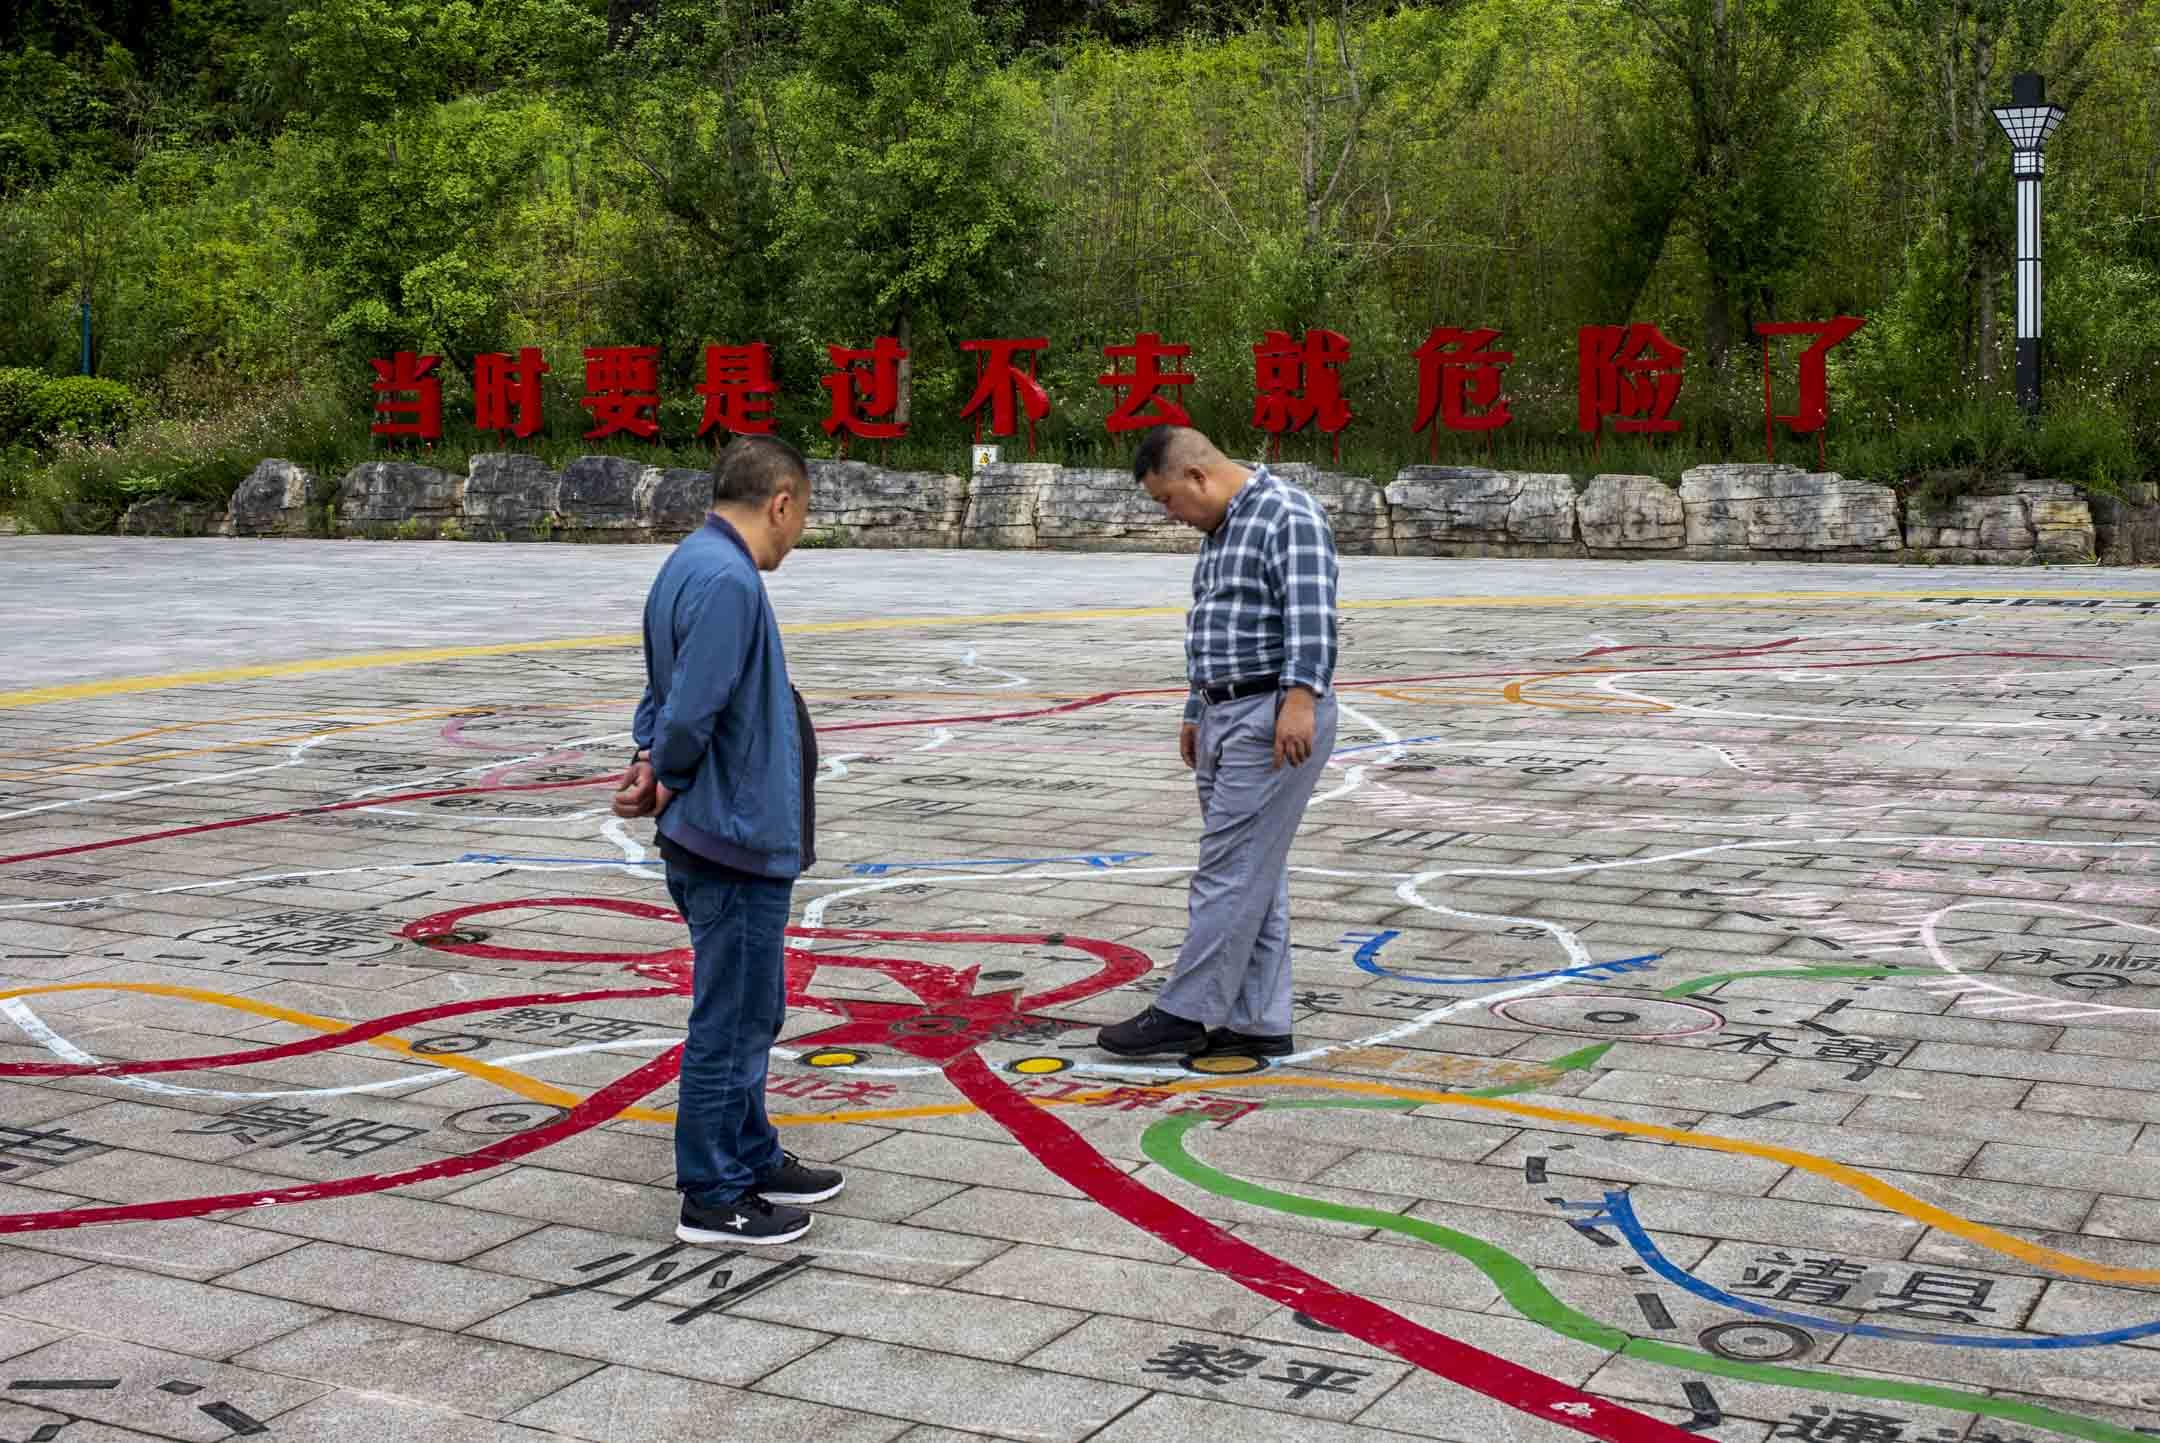 2021年5月29日,大烏江鎮,烏江岸邊廣場一塊「當時要是過不去就危險了」的巨型標語,是國家主席習近平於2015年考察當地時的感歎發言。